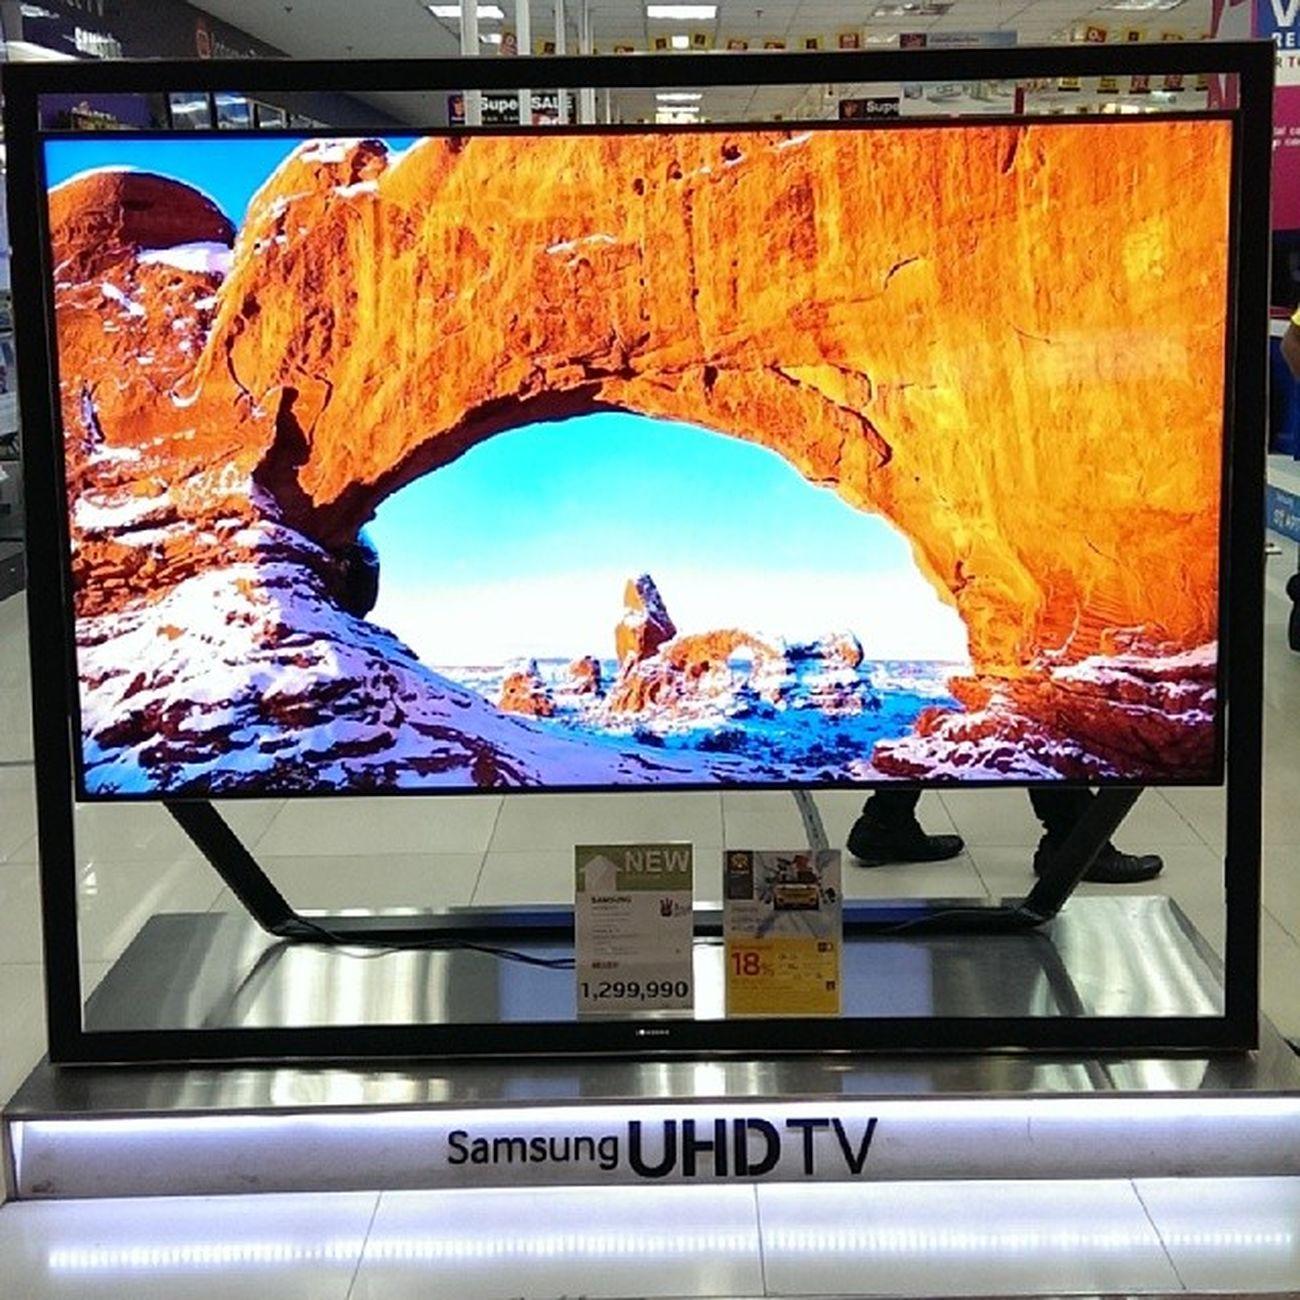 Будущее кино и ТВ по невероятной цене - 1.3 млн бат. У нас, думаю, не менее 1.5 млн руб. Но зато какое изображение! Не передать словами! Samsung